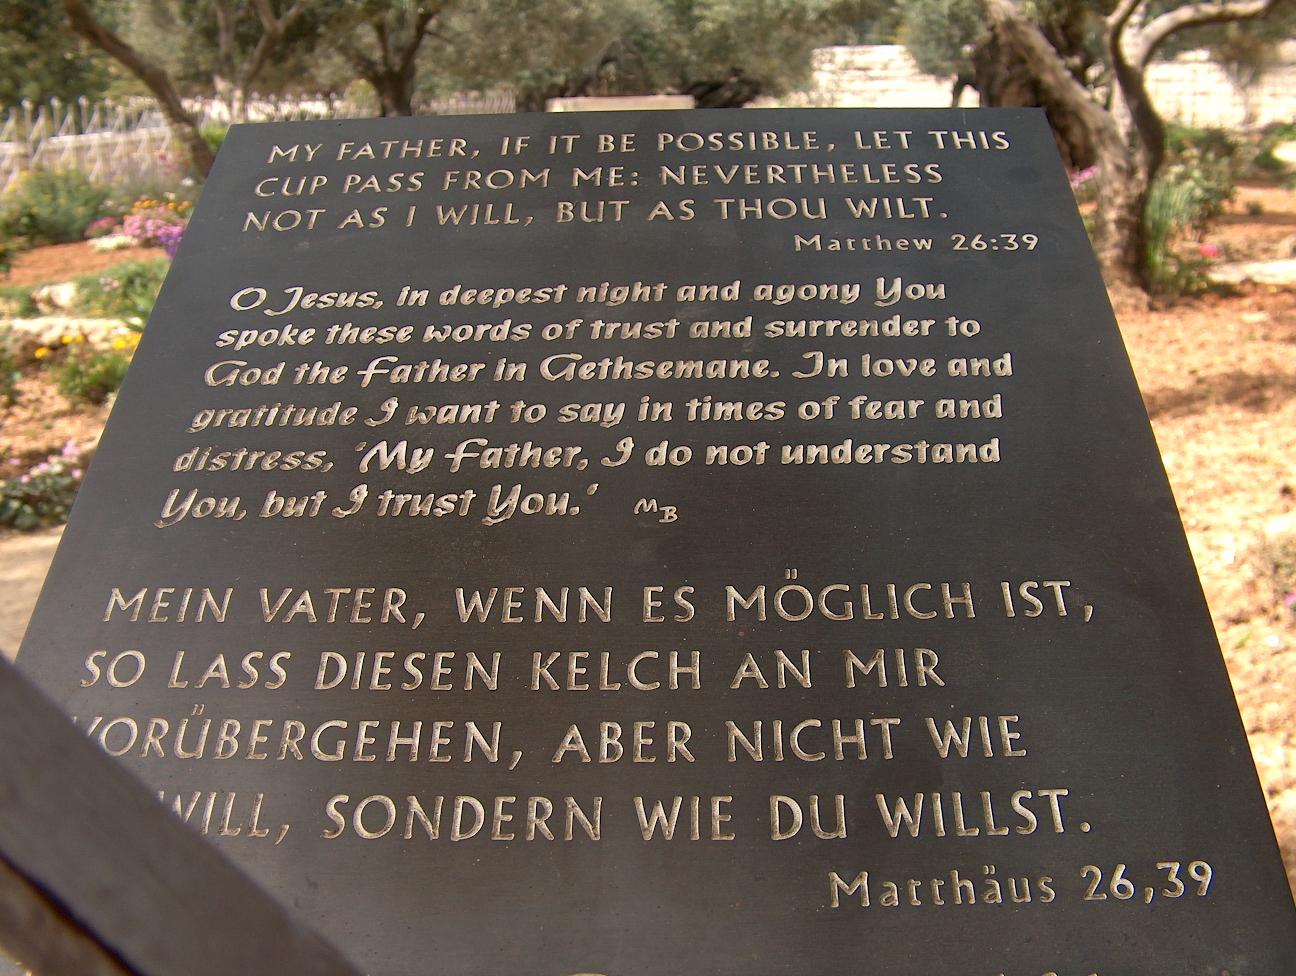 Der Garten Gethsemane Jerusalem Bilderserie Fotos Photos Für Dsl